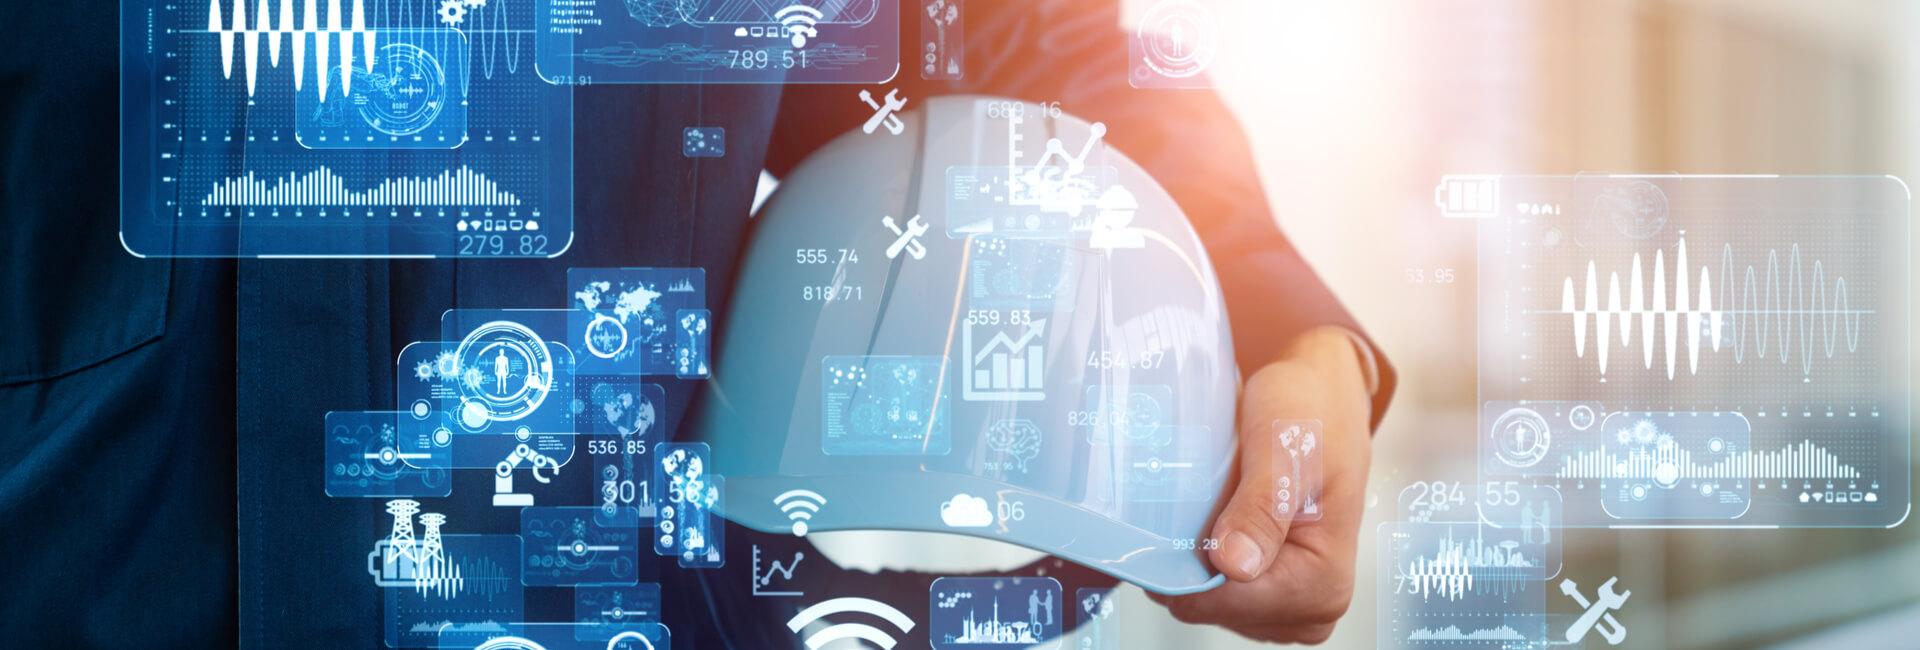 Servitizzazione nel manufacturing: come il cloud abilita nuovi modelli di business